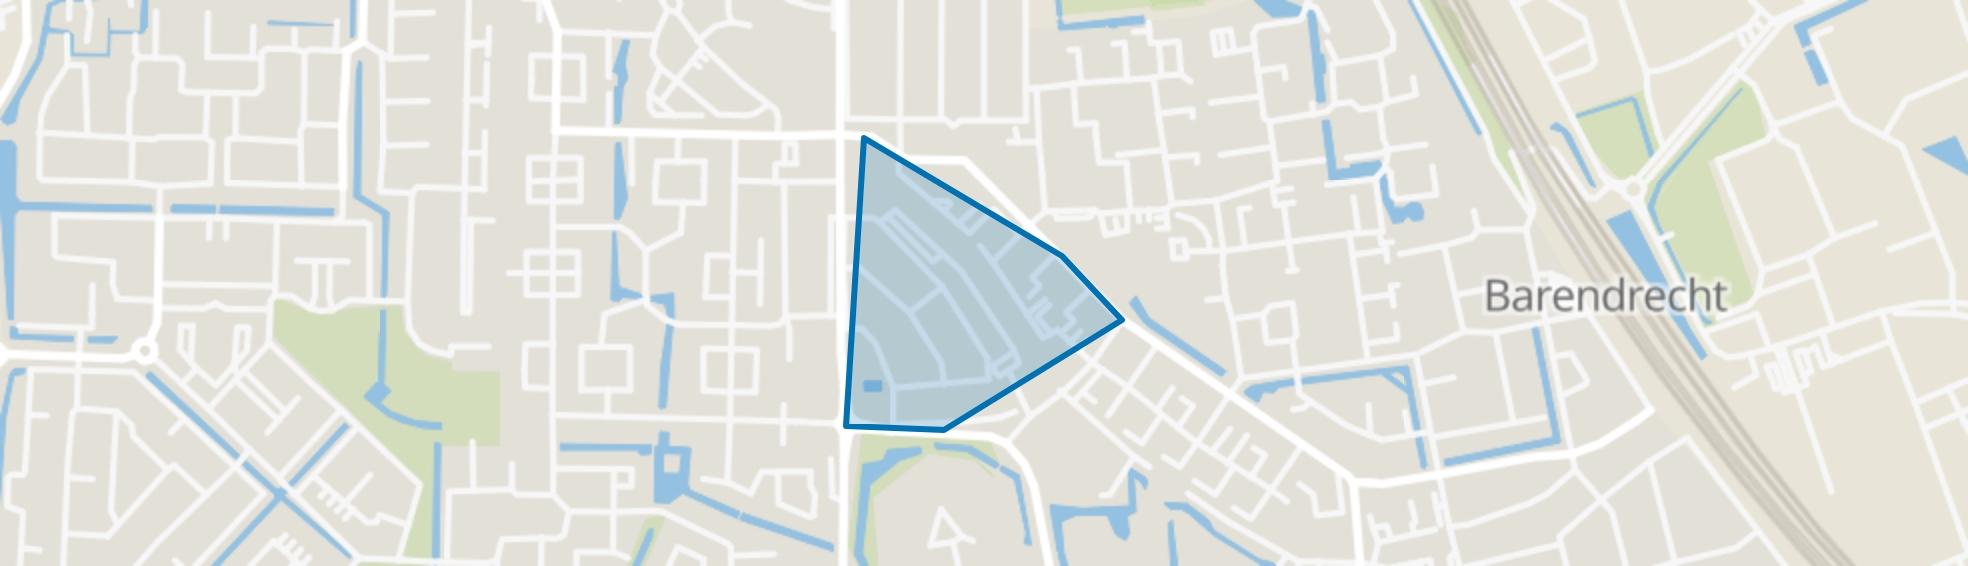 Centrum, Barendrecht map